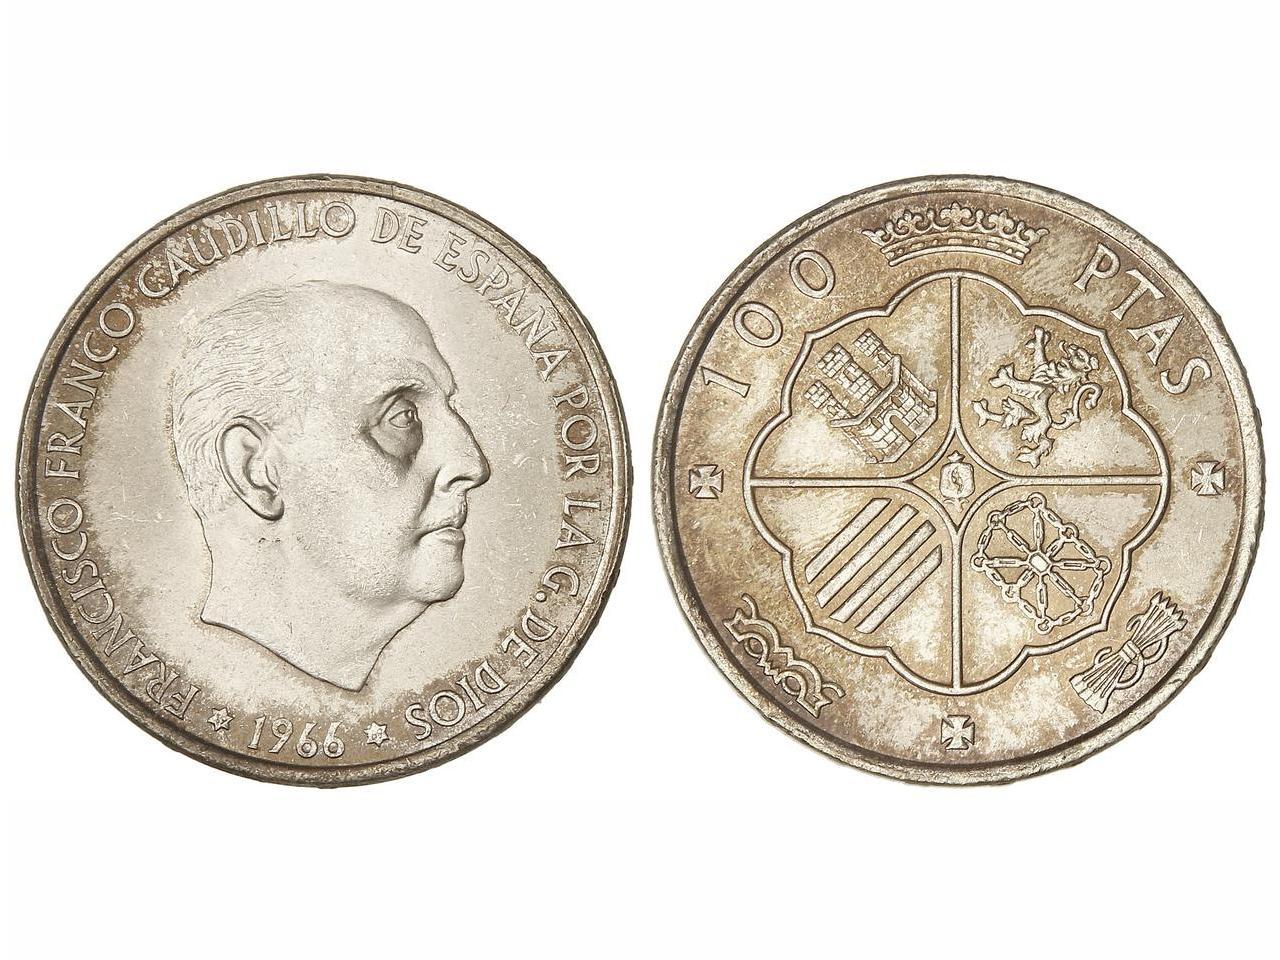 100 pesetas 1966 *69  (Palo Curvo) Estado Español Image